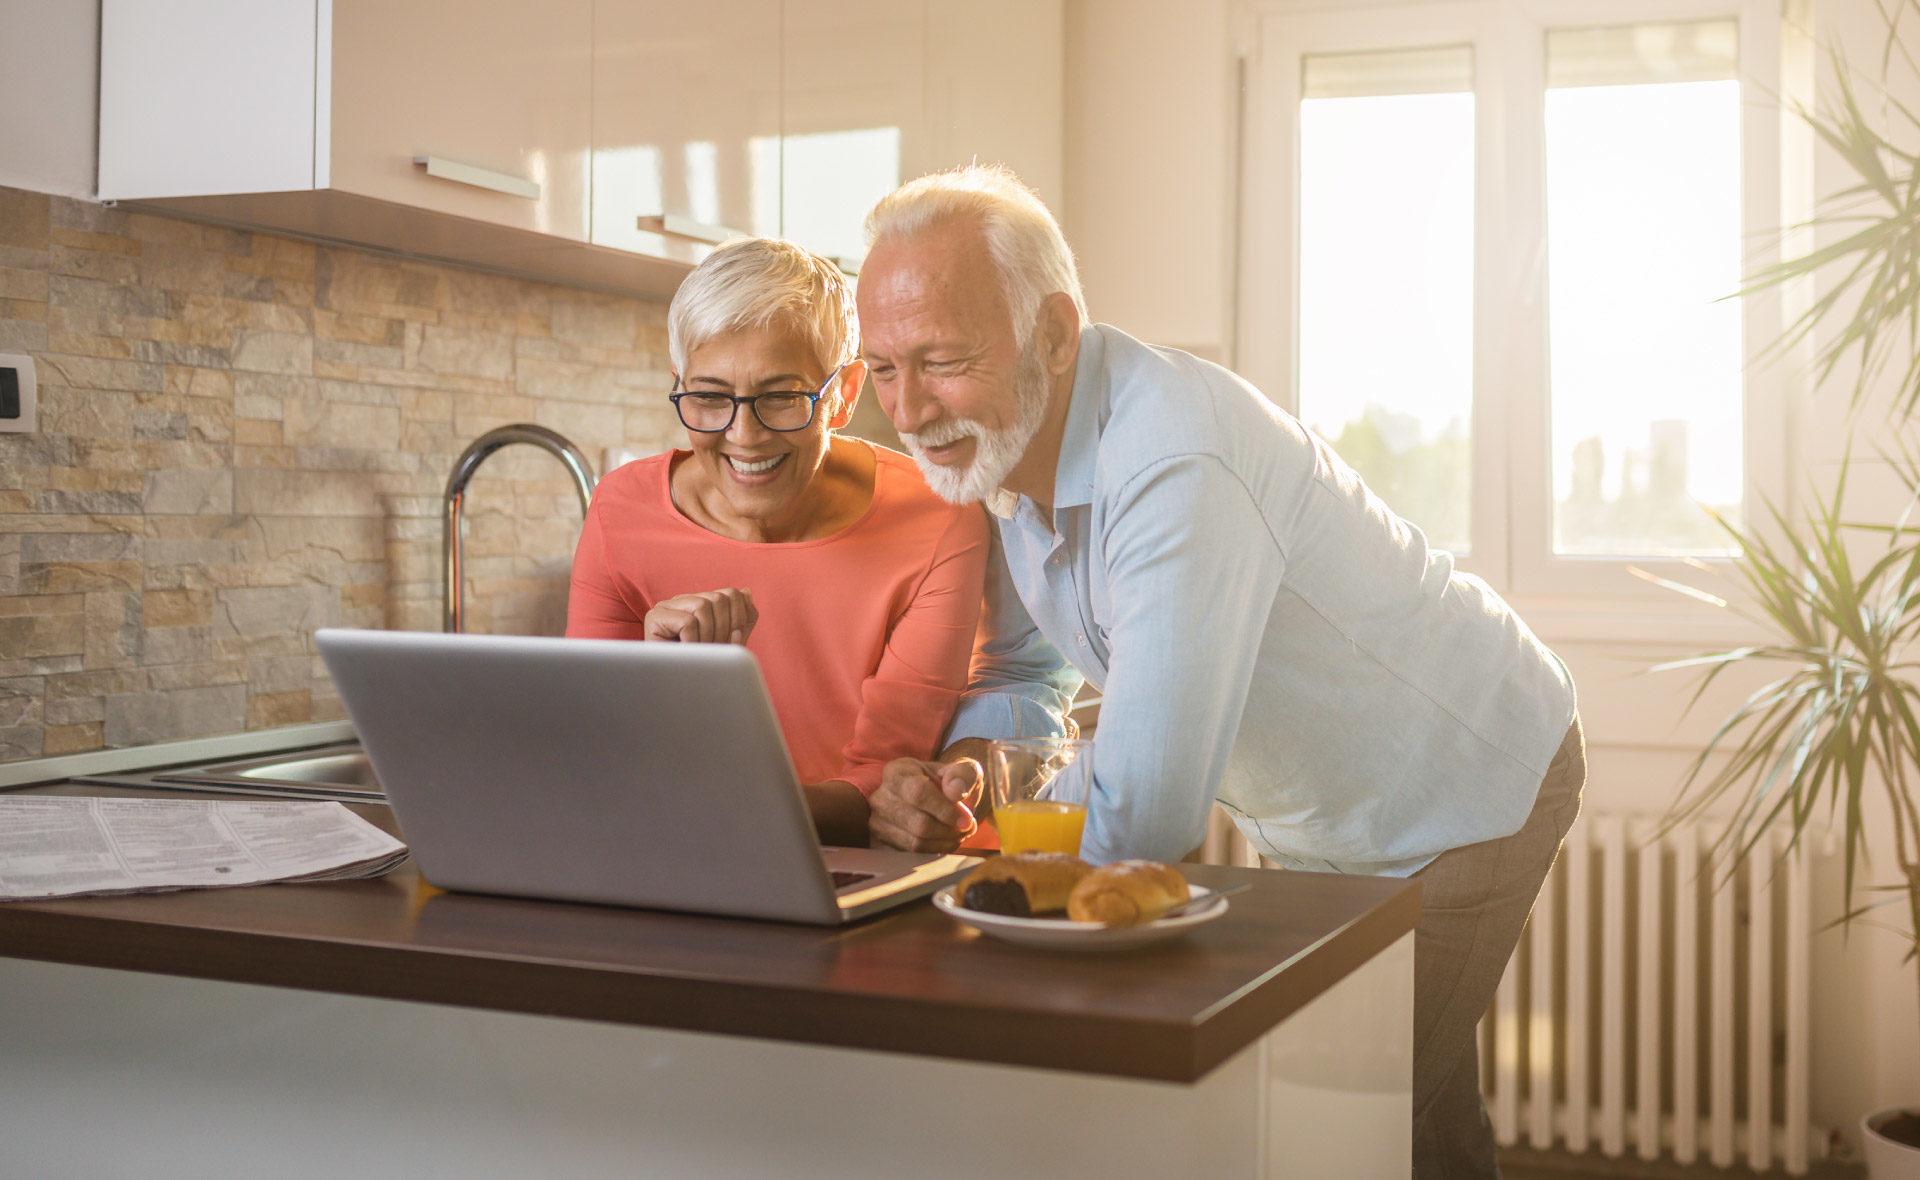 pareja-pensiones-mayores-jubilacion